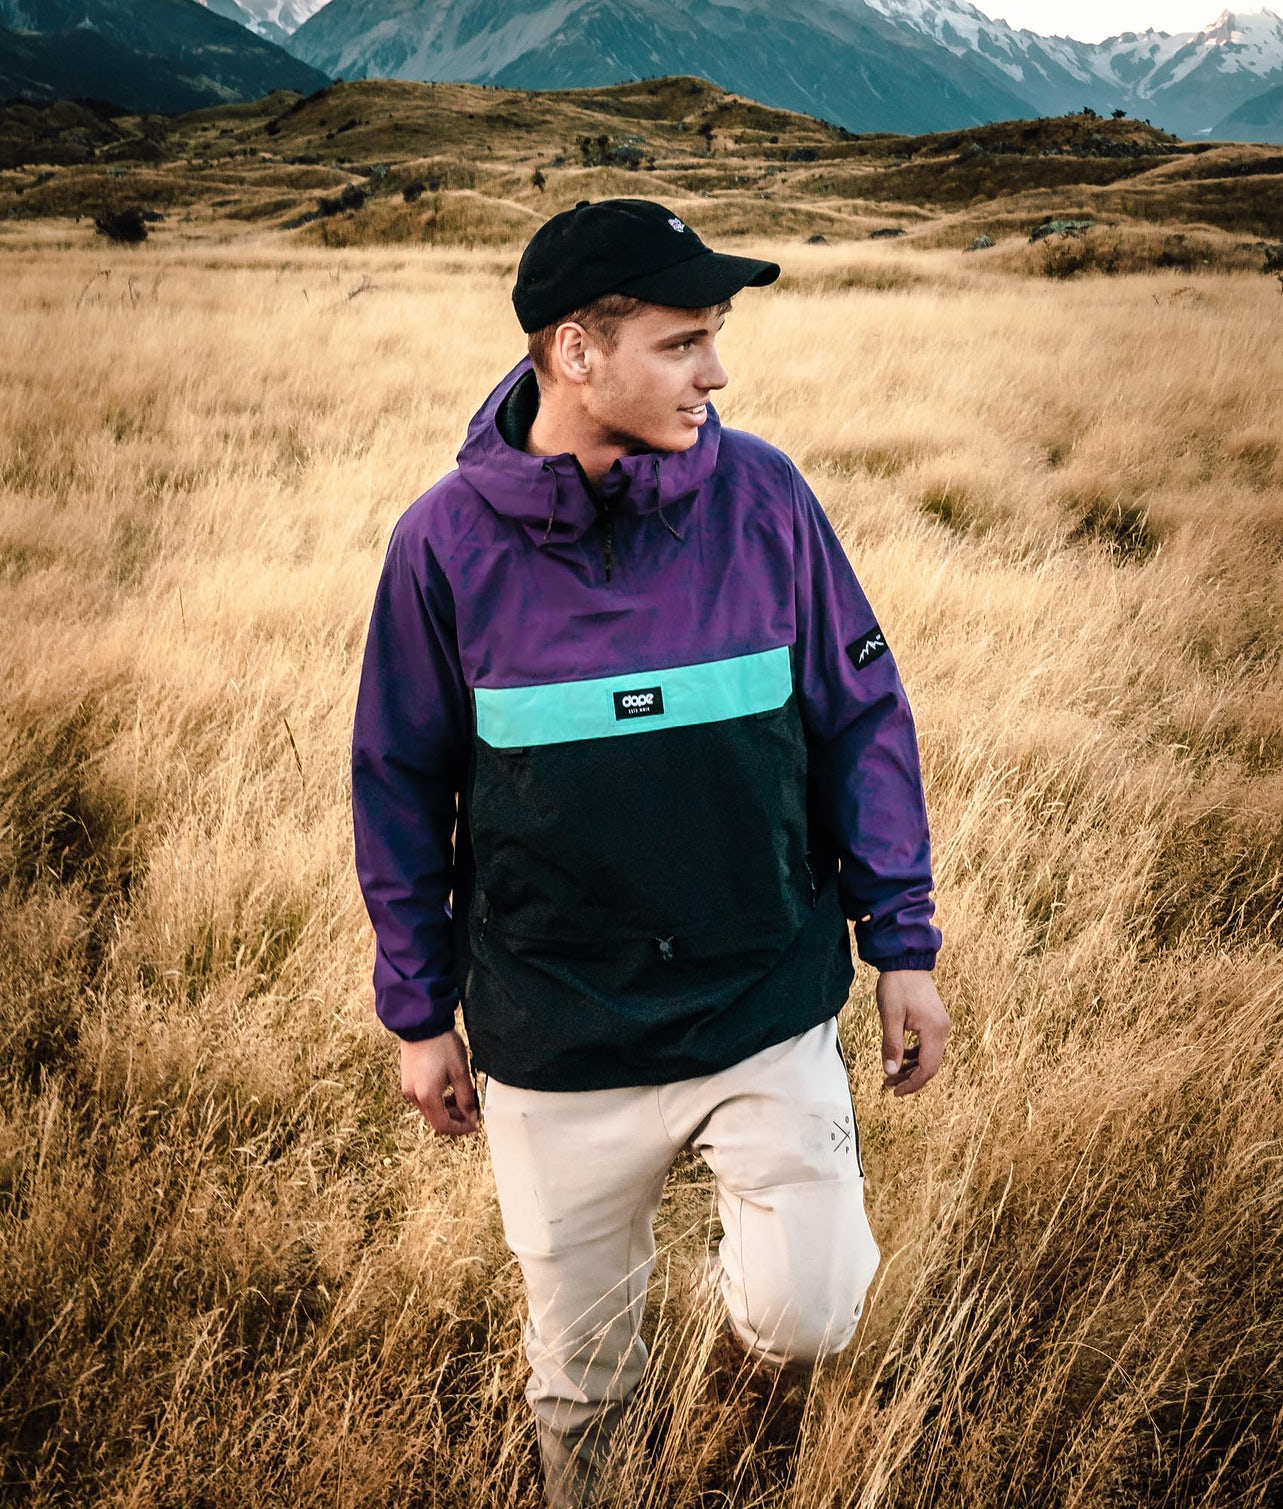 Köp Hiker 19 Outdoor Jacka från Dope på Ridestore.se Hos oss har du alltid fri frakt, fri retur och 30 dagar öppet köp!